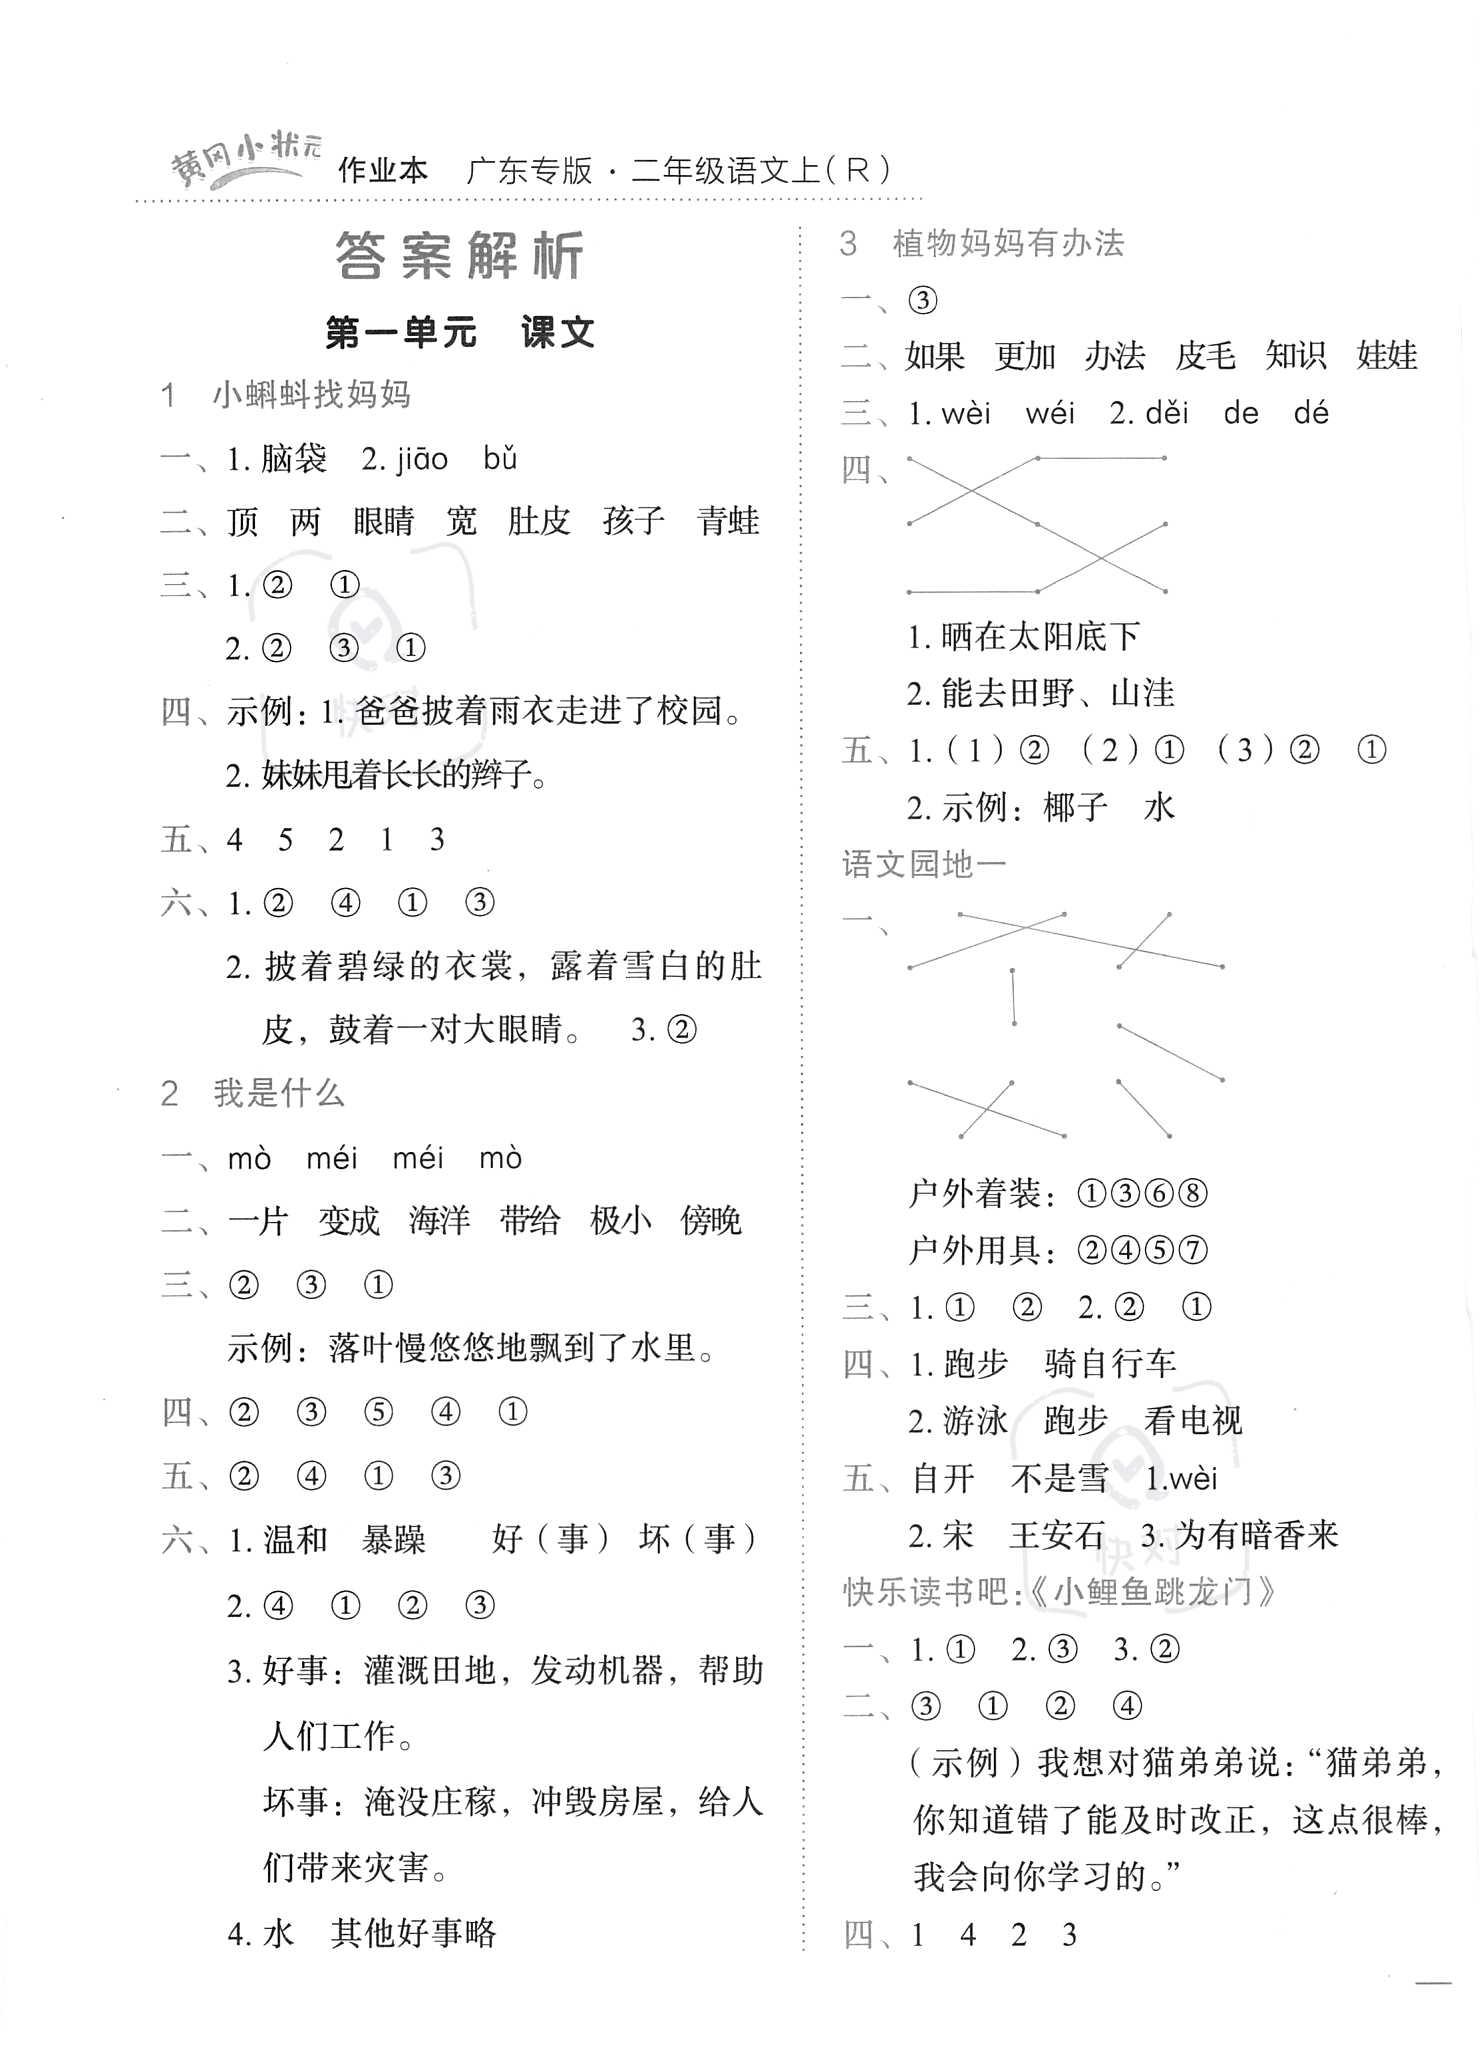 2021年黄冈小状元作业本二年级语文上册人教版广东专版